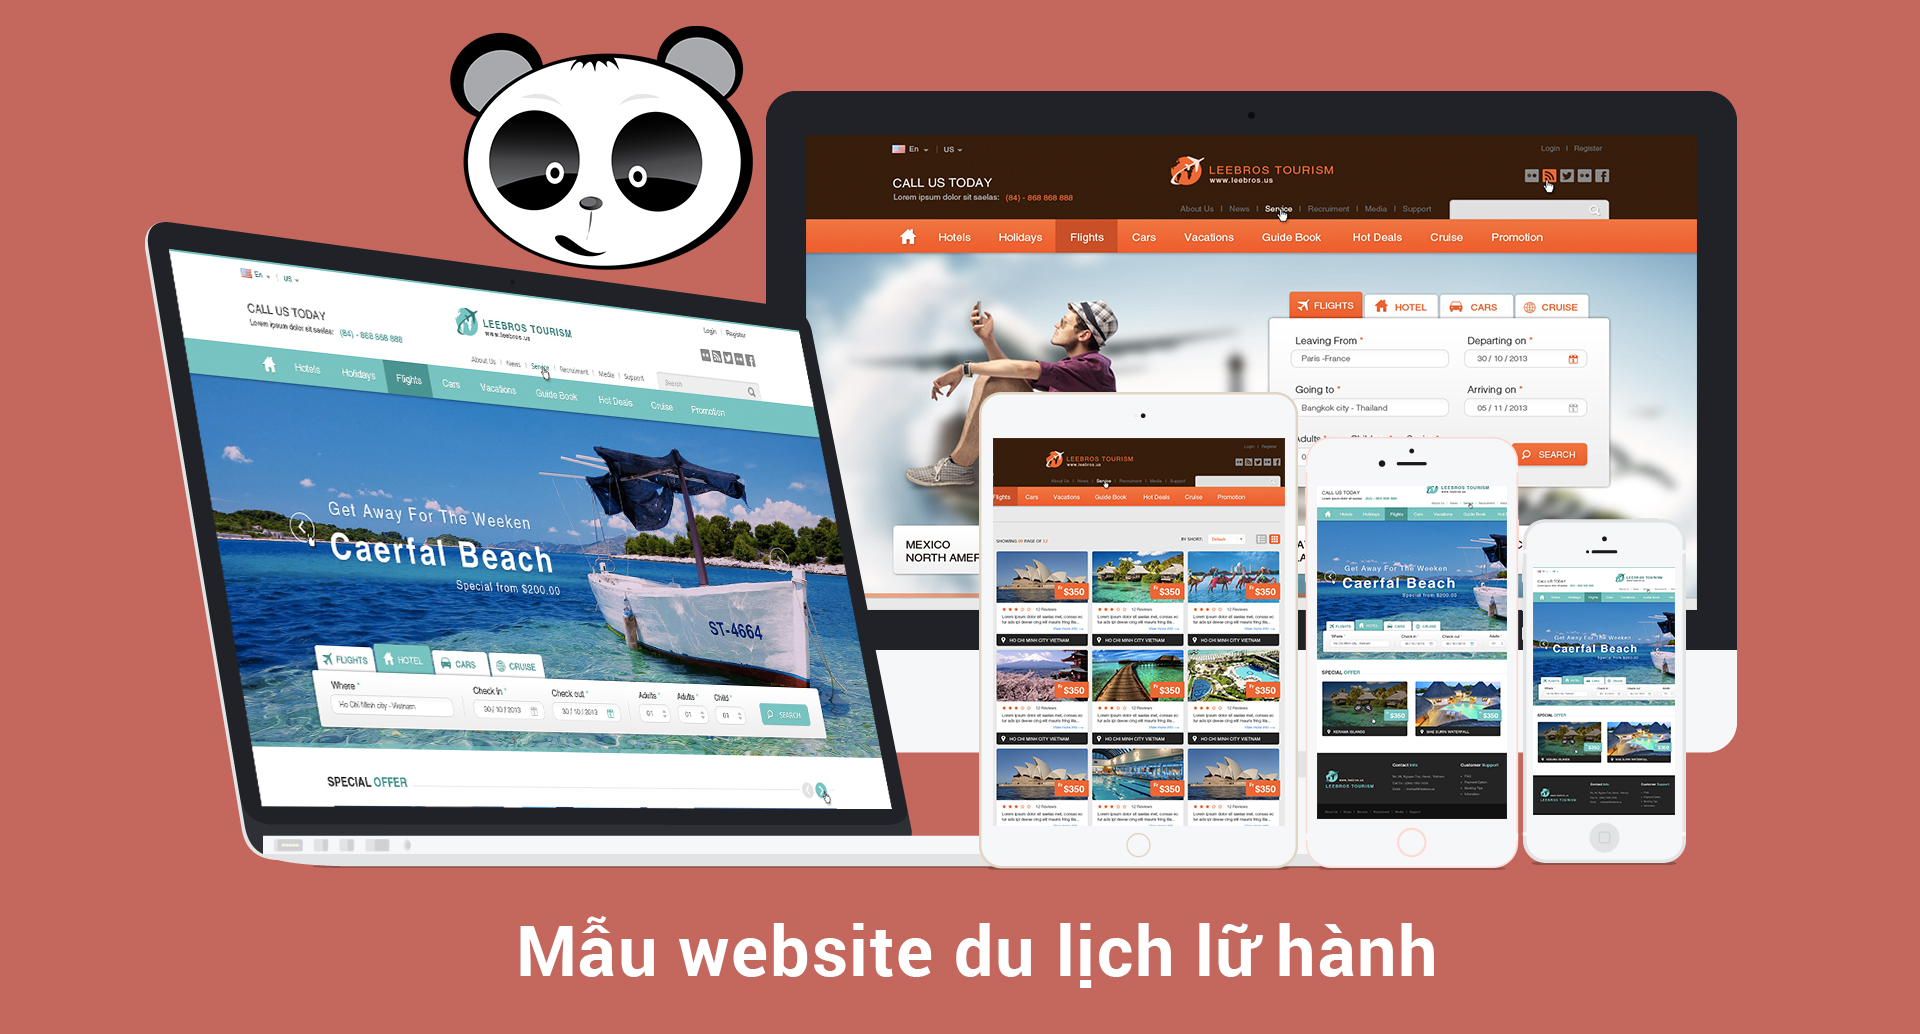 Mẫu website du lịch lữ hành